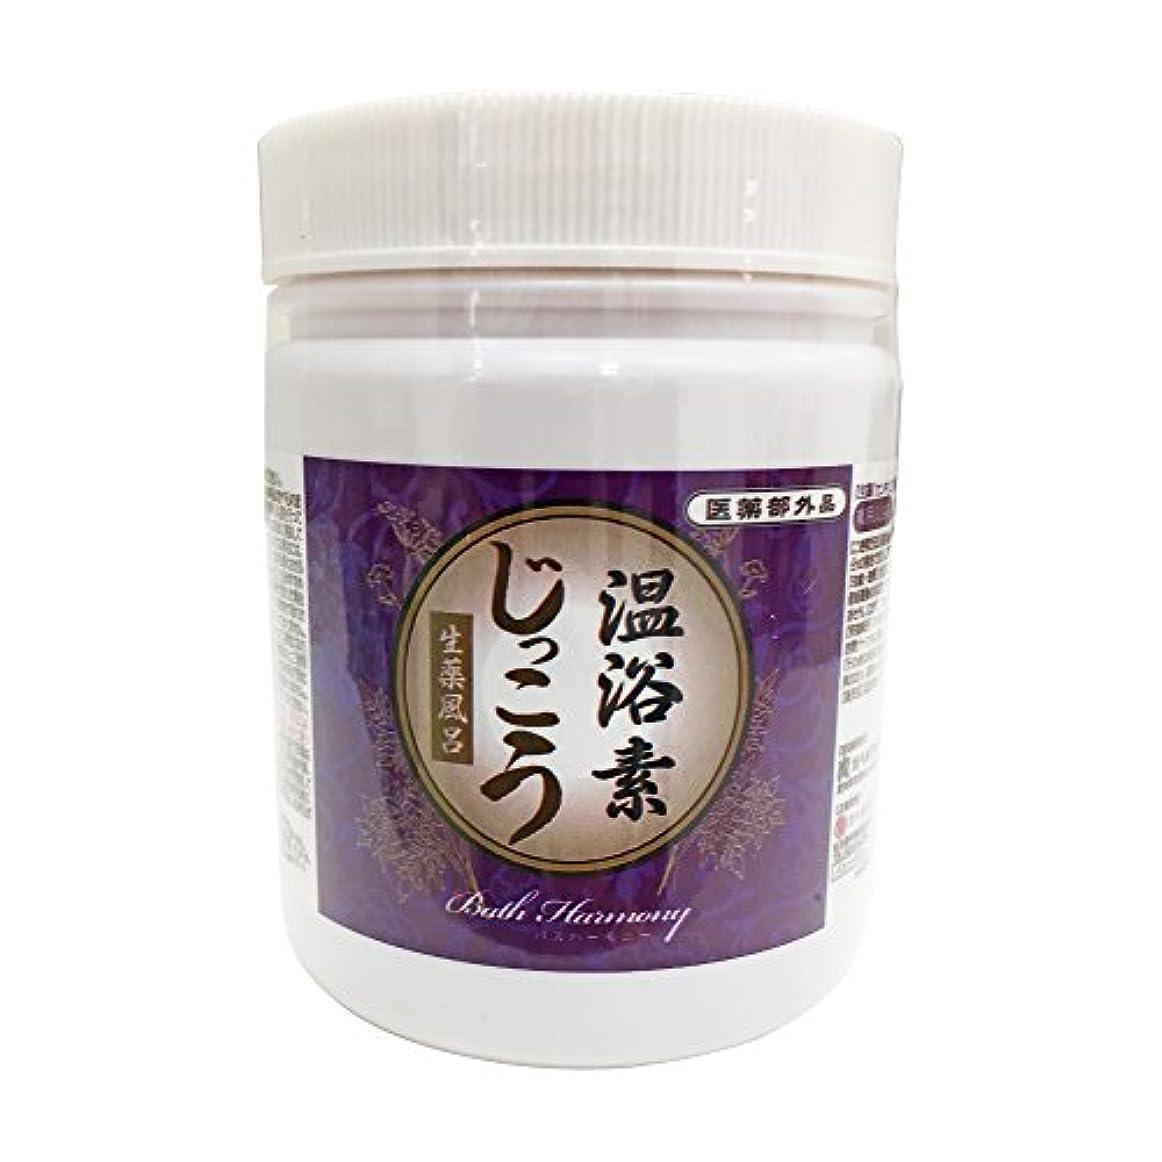 日の出ペッカディロリベラル温浴素 じっこう 500g 約25回分 粉末 生薬 薬湯 医薬部外品 ロングセラー 天然生薬 の 香り